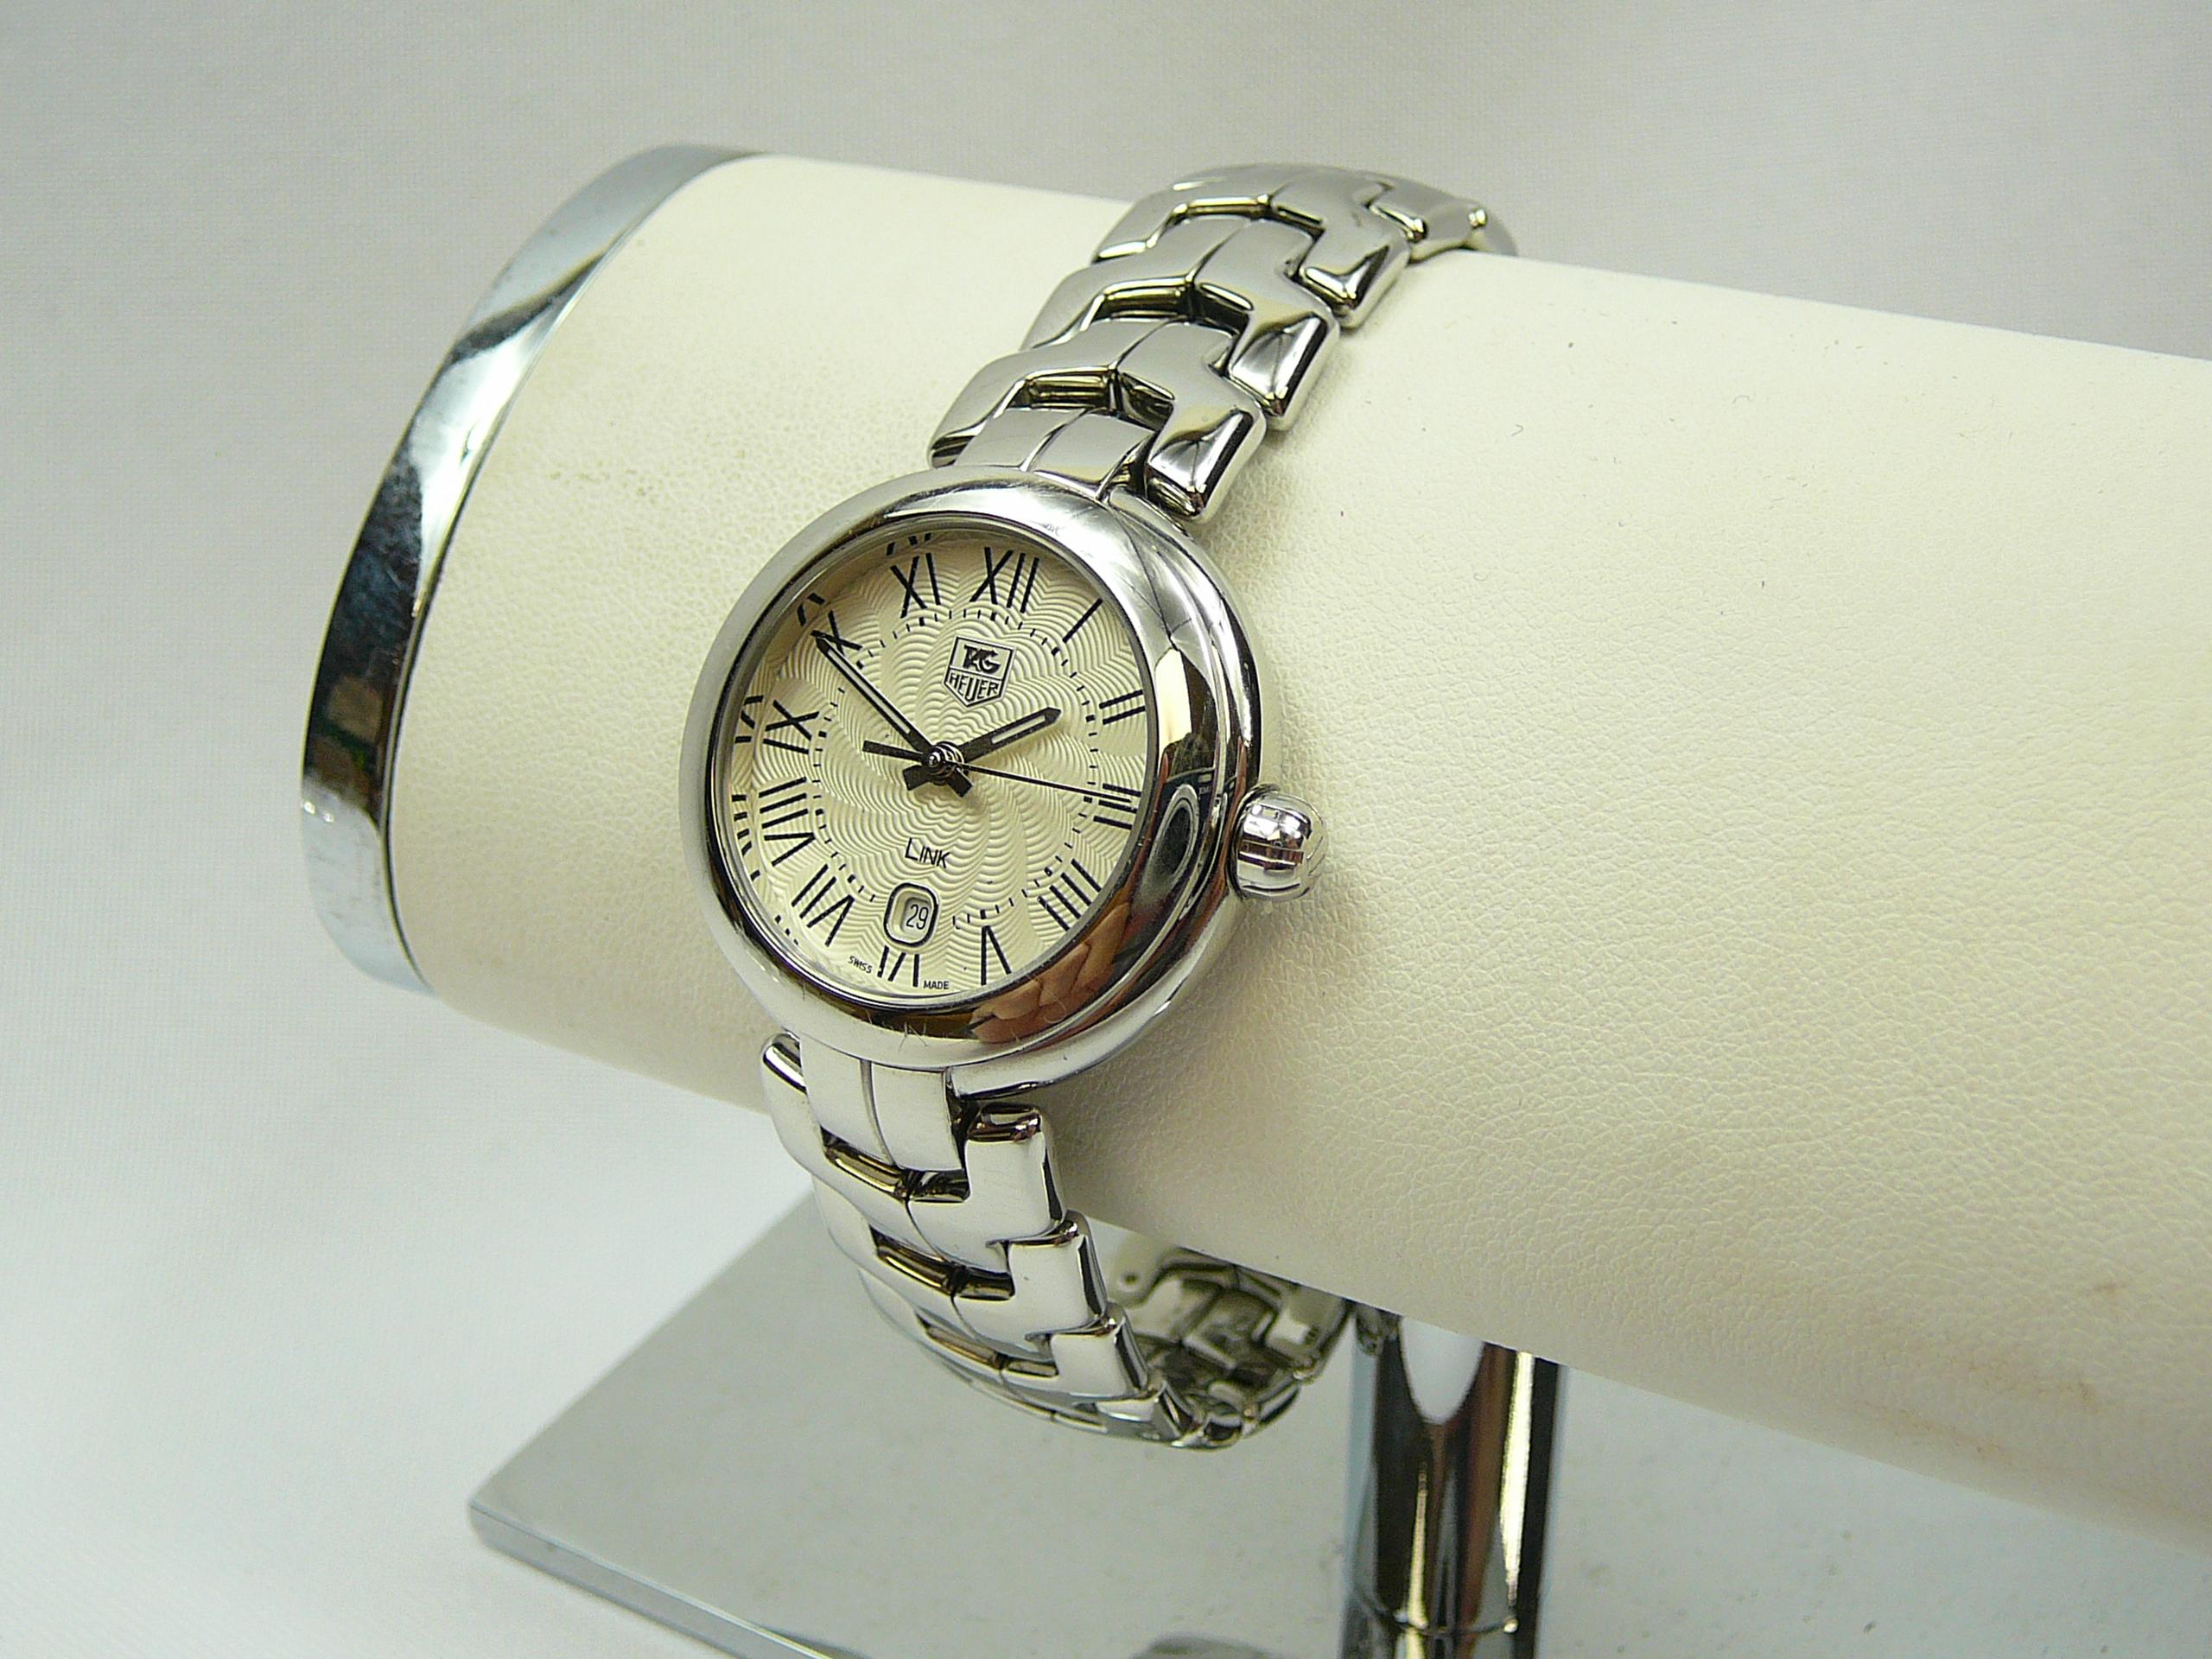 Ladies Tag Heuer Wrist Watch - Image 2 of 3